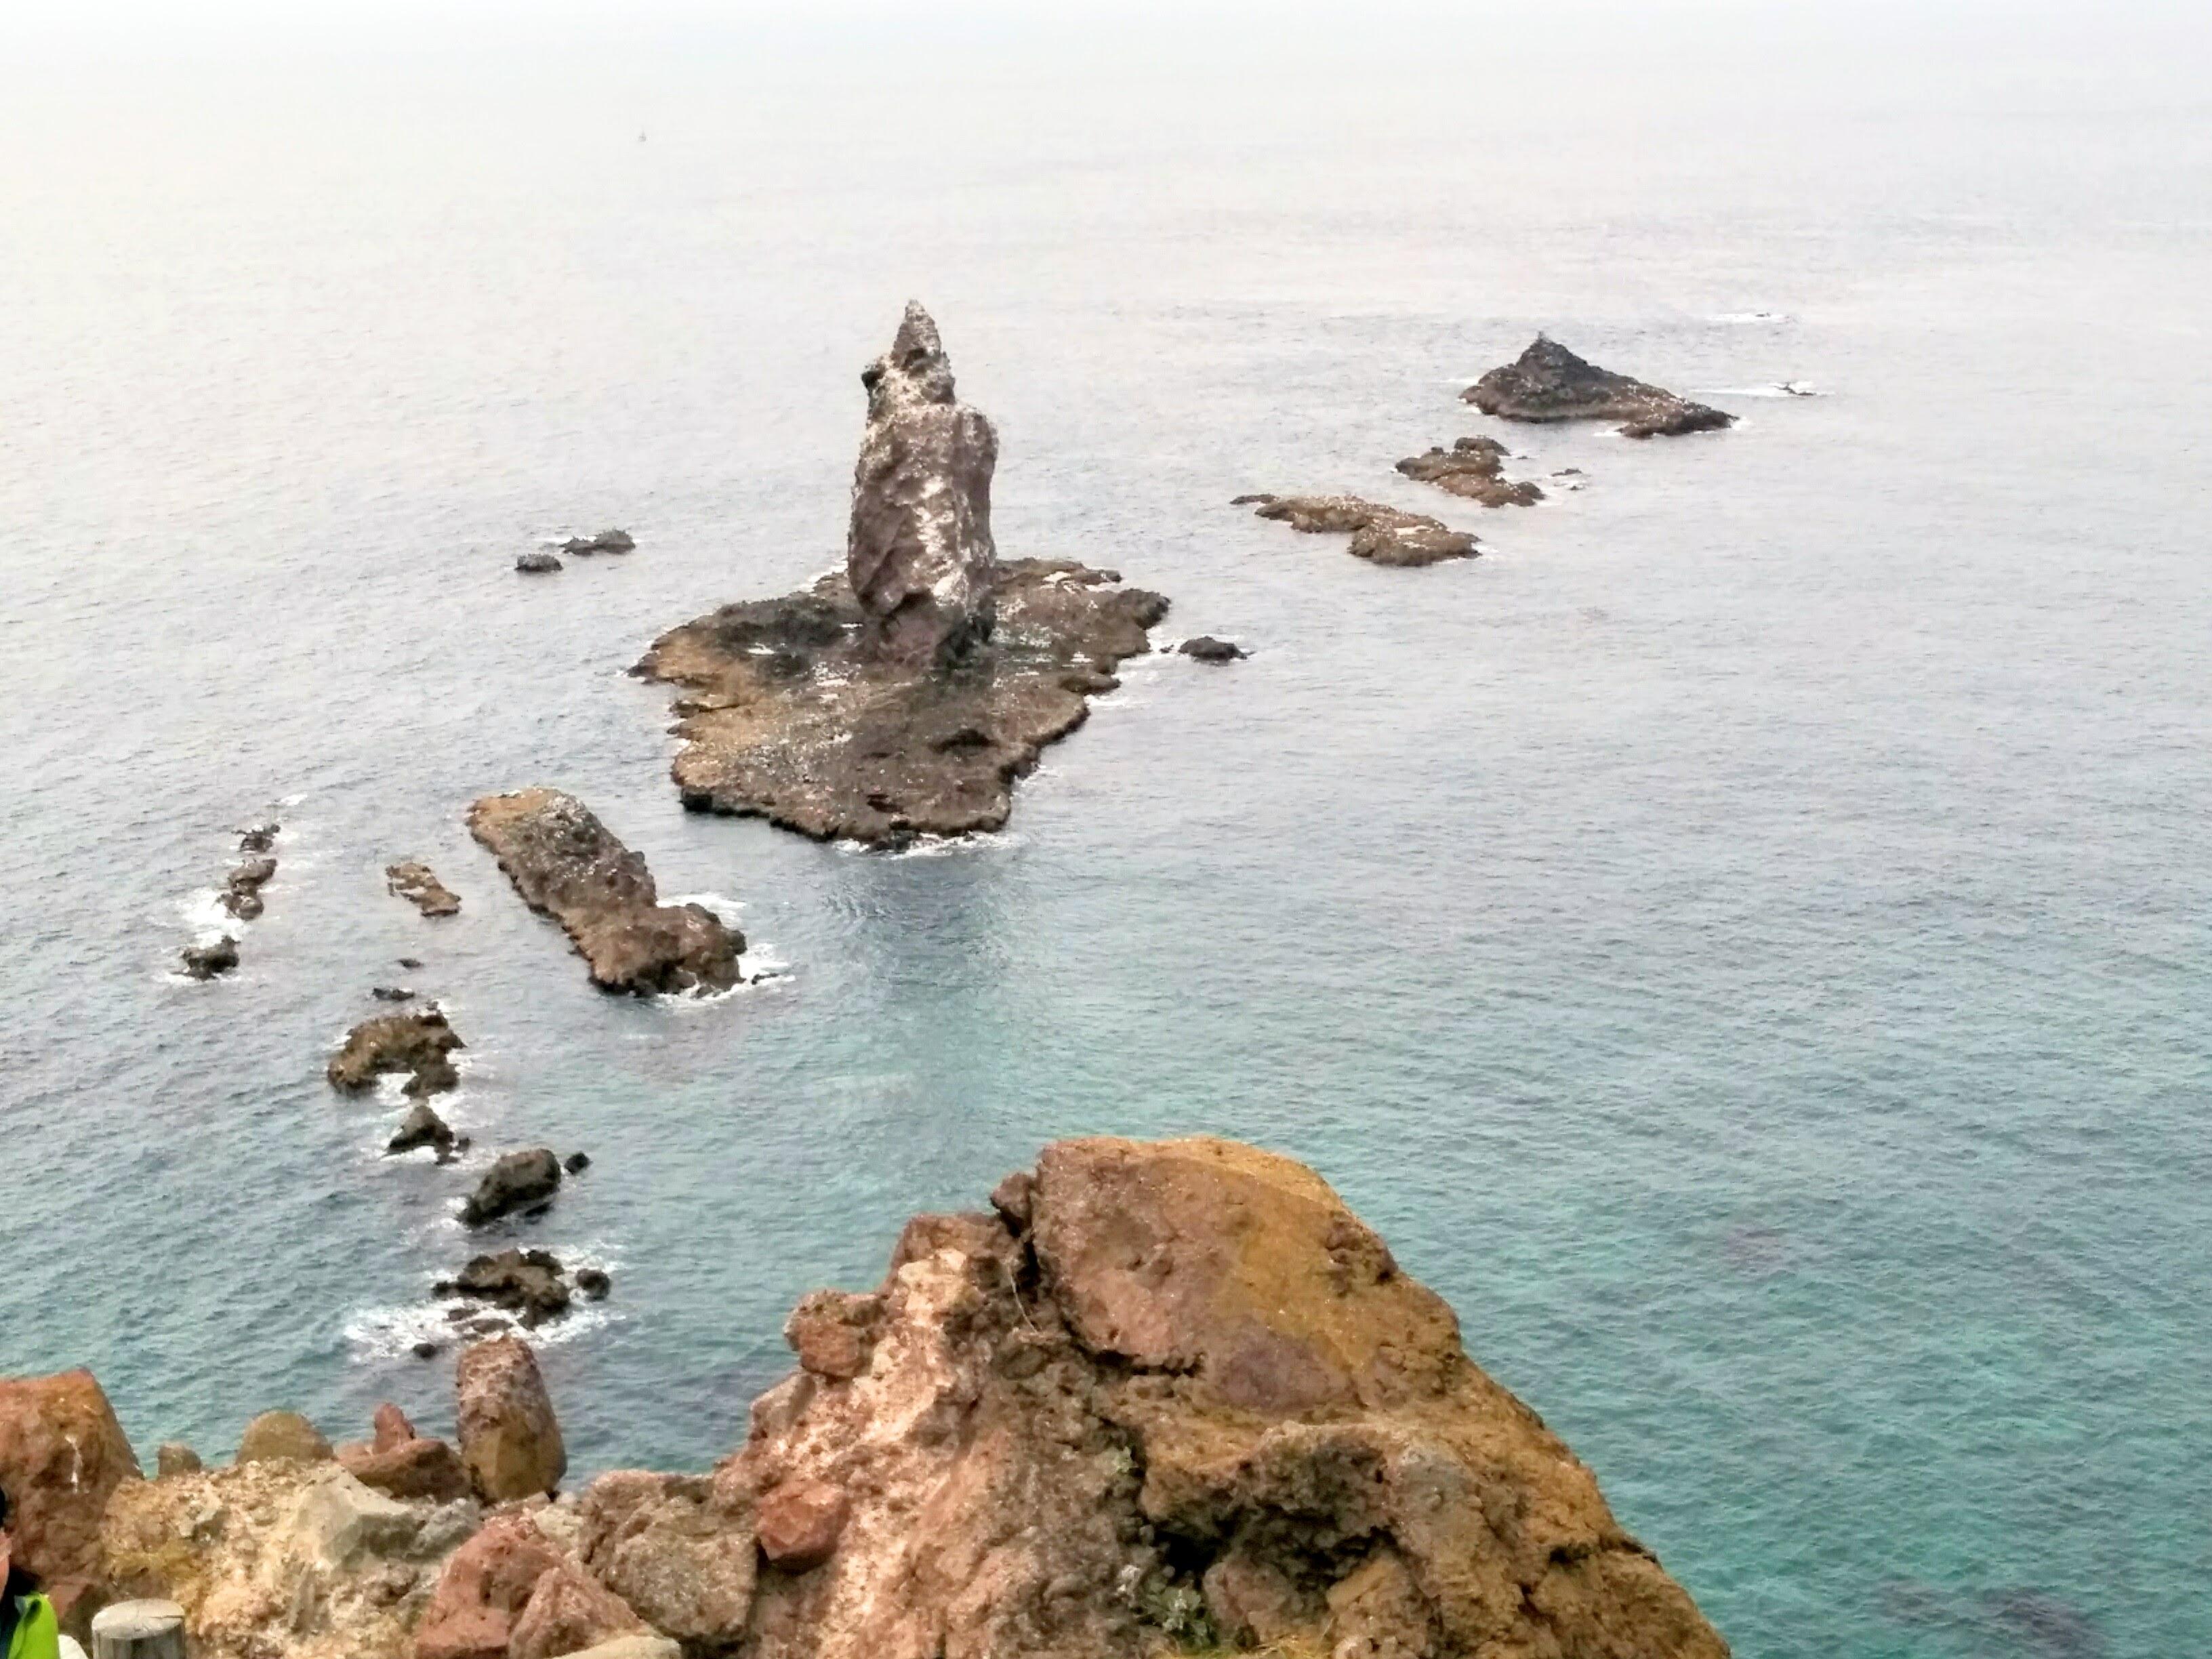 積丹周遊観光ジャンボタクシー高橋の積丹半島周遊観光コース案内です。